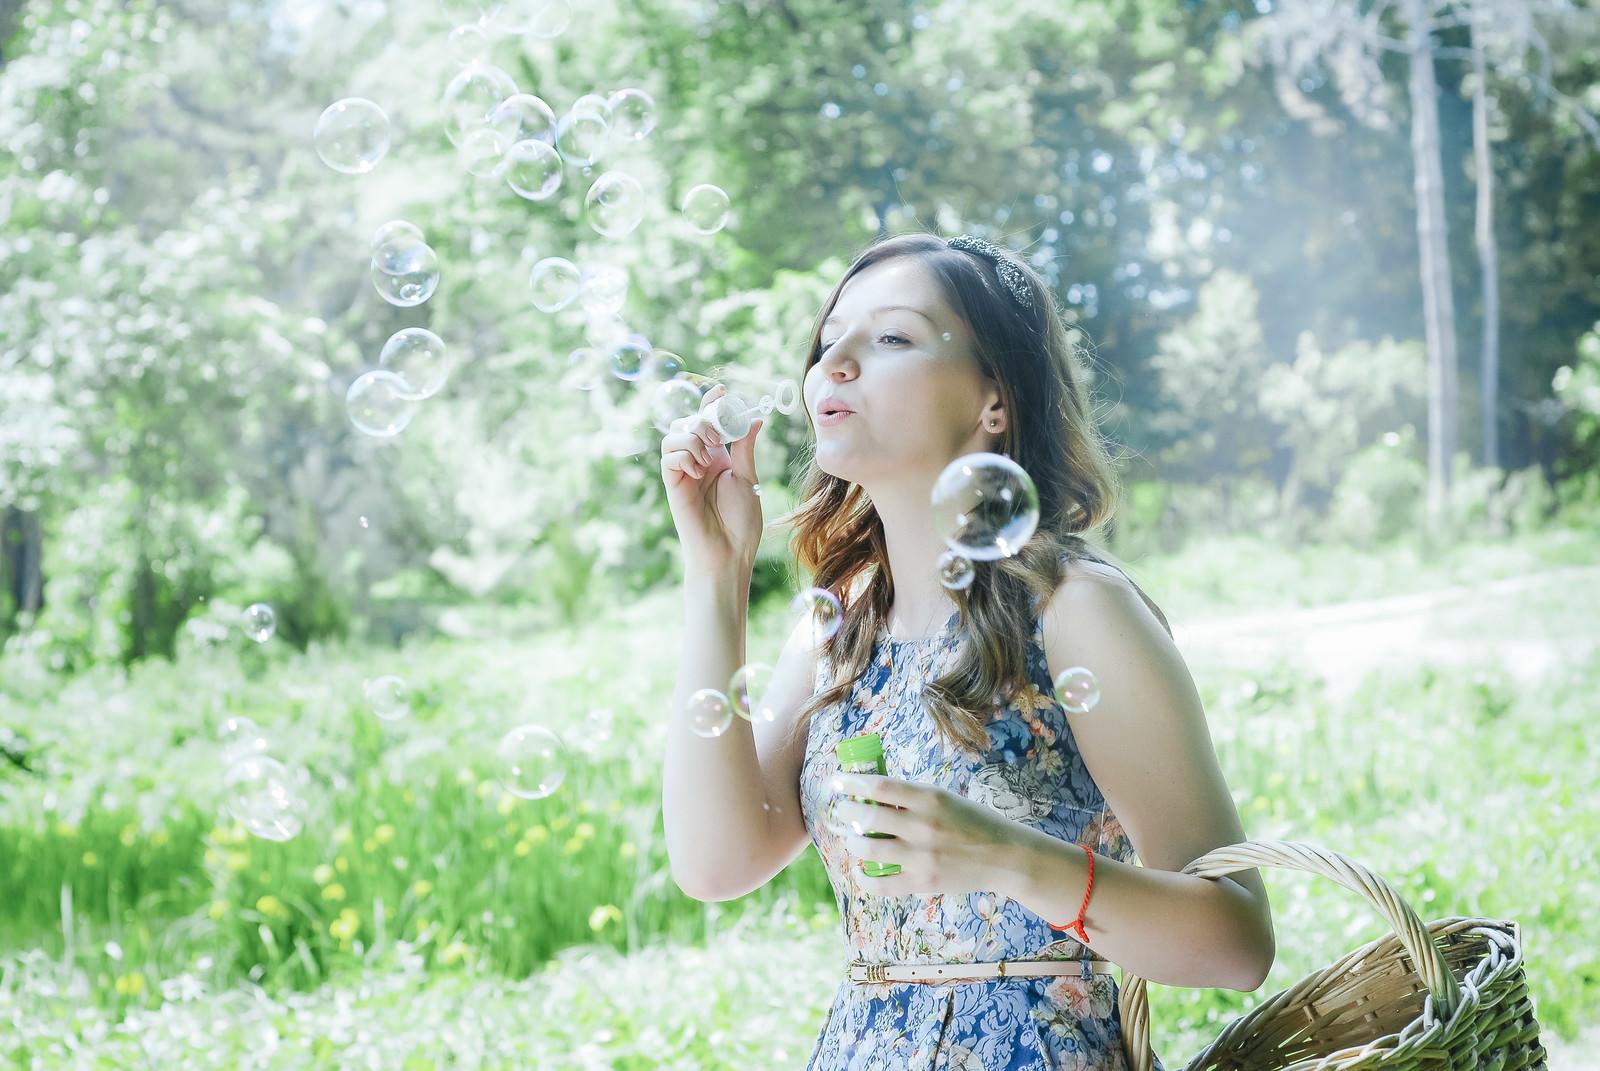 「シャボン玉を吹く美女」の写真[モデル:モデルファクトリー]